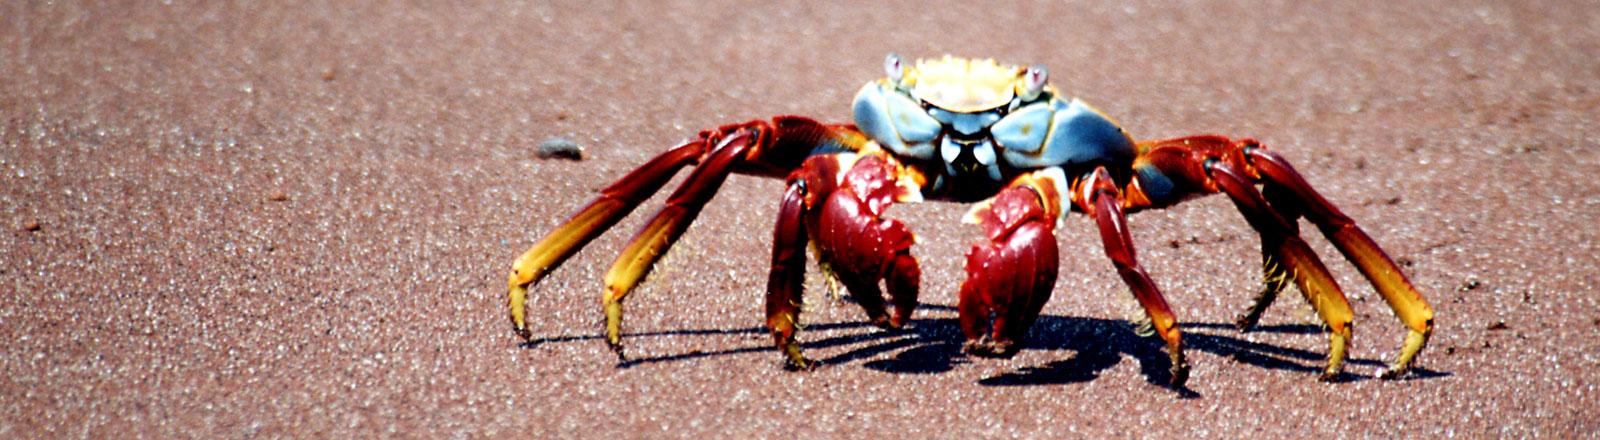 Eine Krabbe läuft einen Strand entlang.